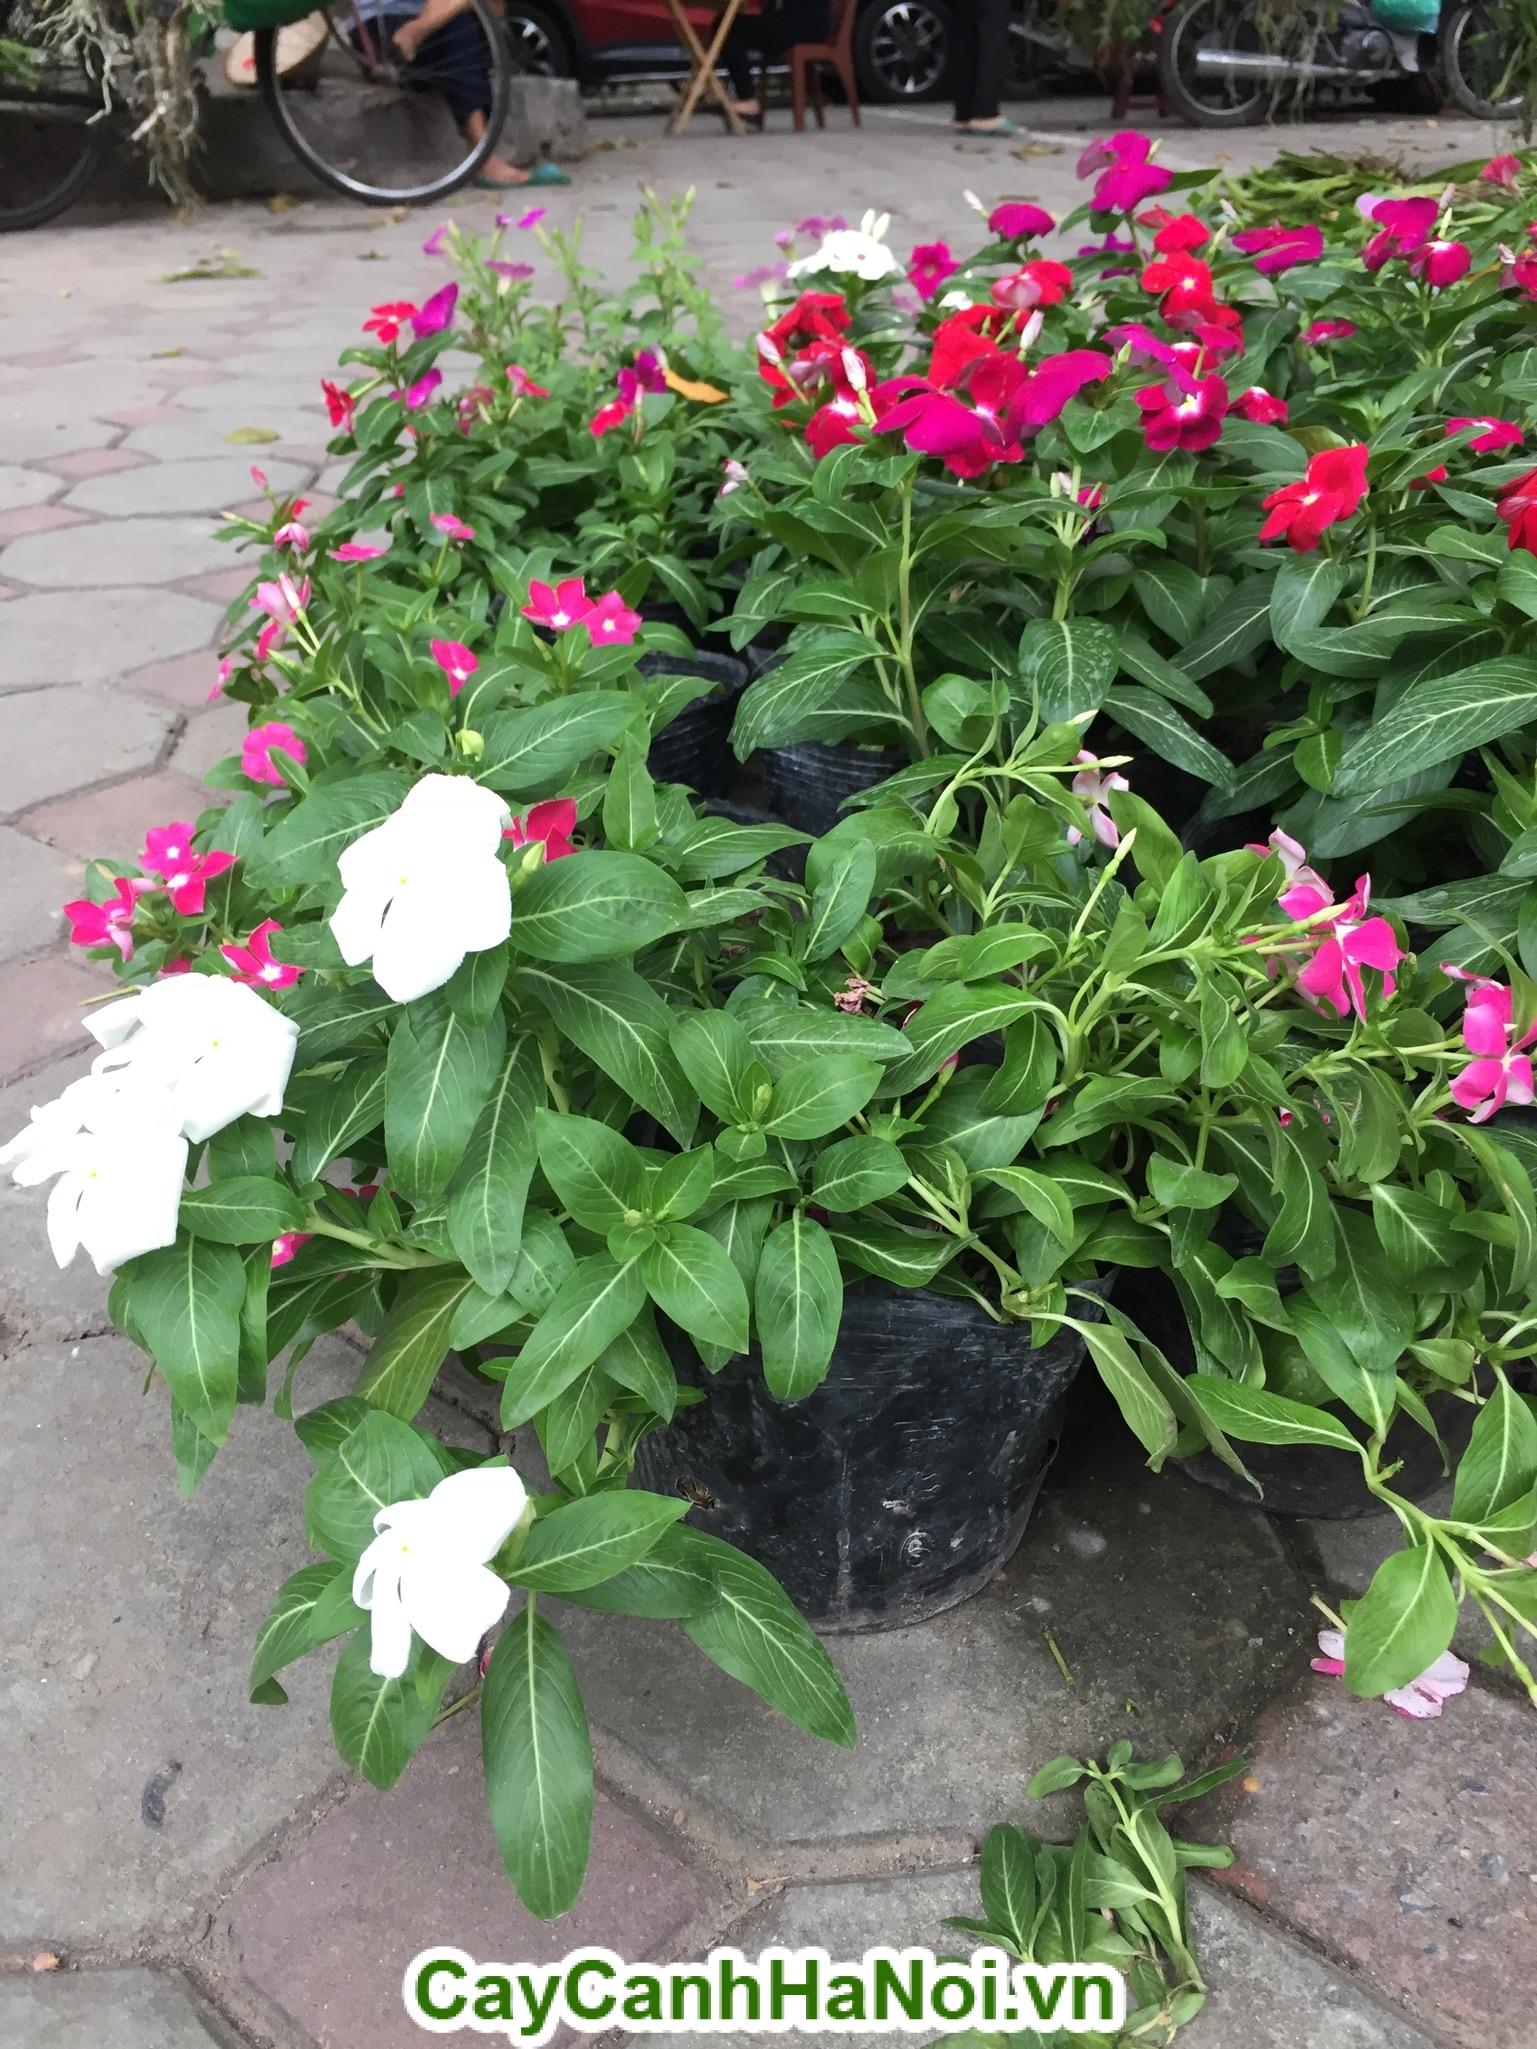 Hoa Dừa Cạn với nhiều màu sắc và loại cây này chịu được nắng tốt giúp bạn dễ dàng trồng và chăm sóc